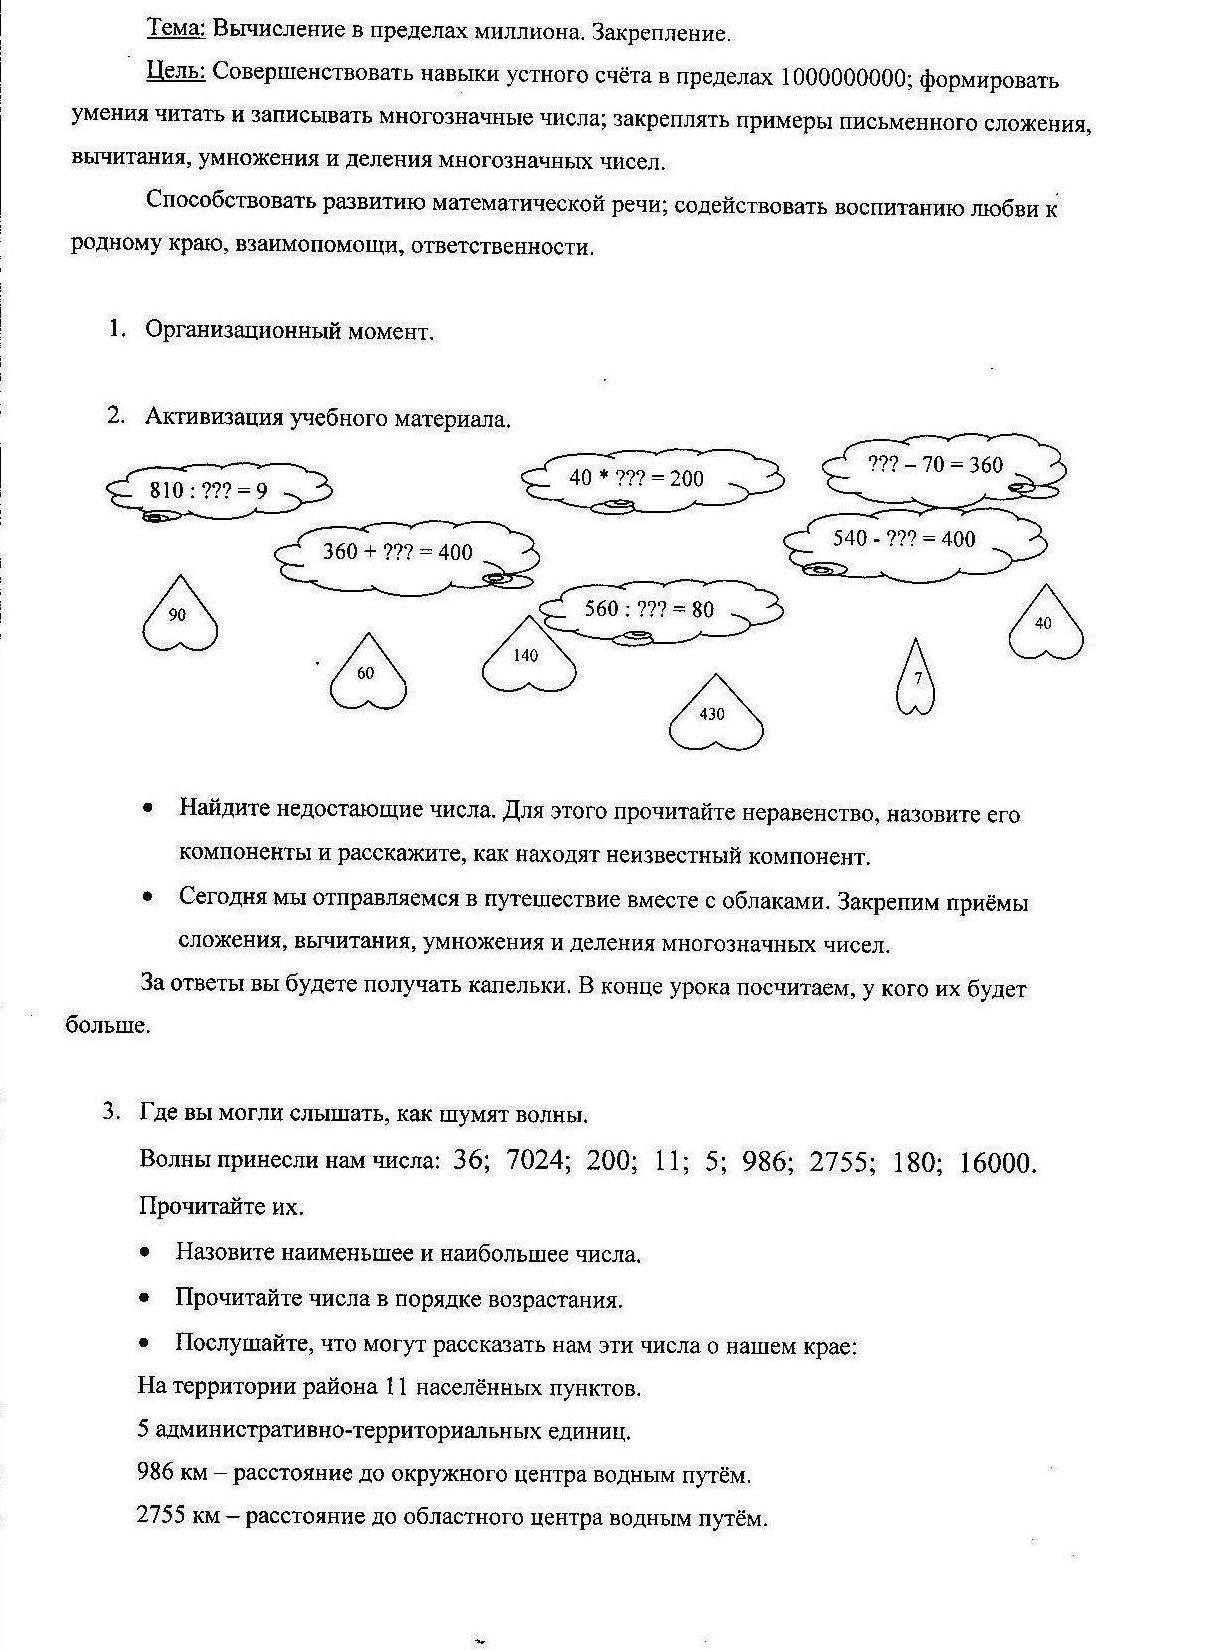 F:\КозловсВС\востанвл\Новая папка3\тема1.jpg